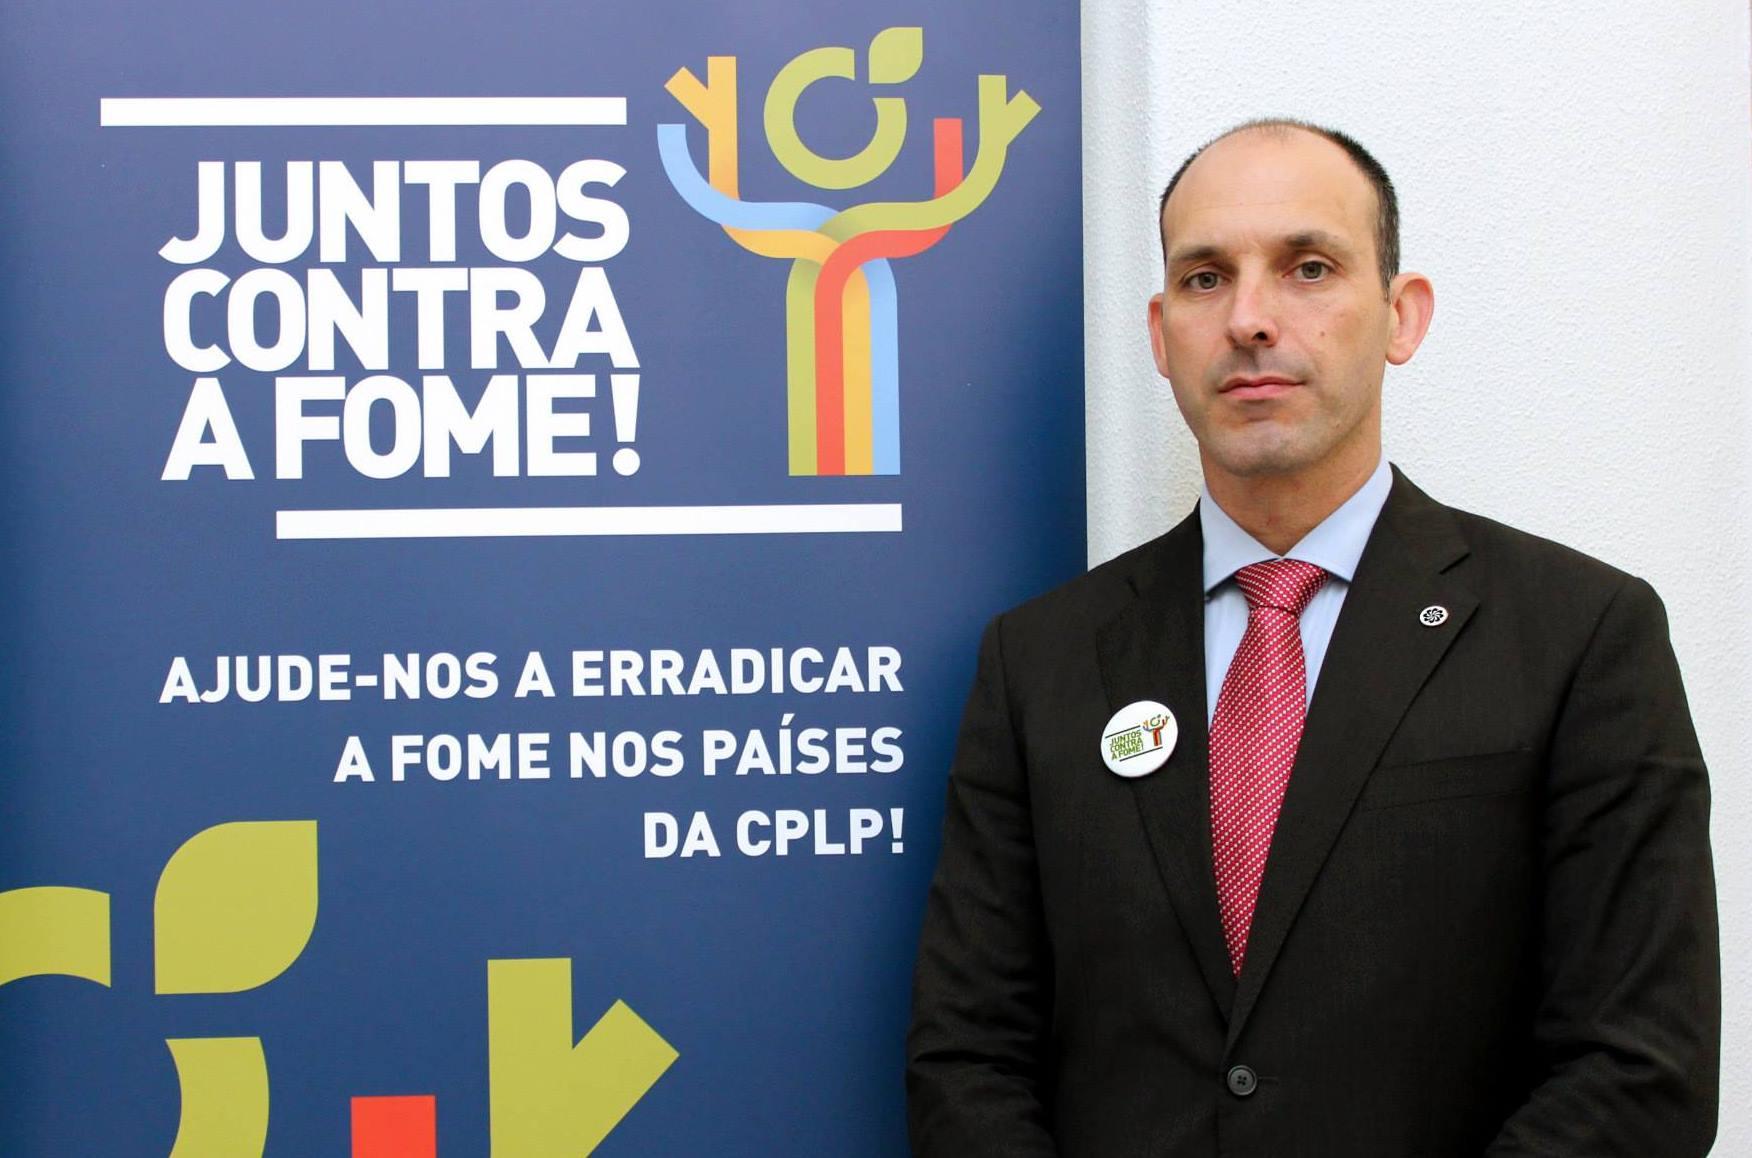 Manuel Clarote Lapão. Diretor de Cooperação na Comunidade dos Países de Língua Portuguesa - CPLP